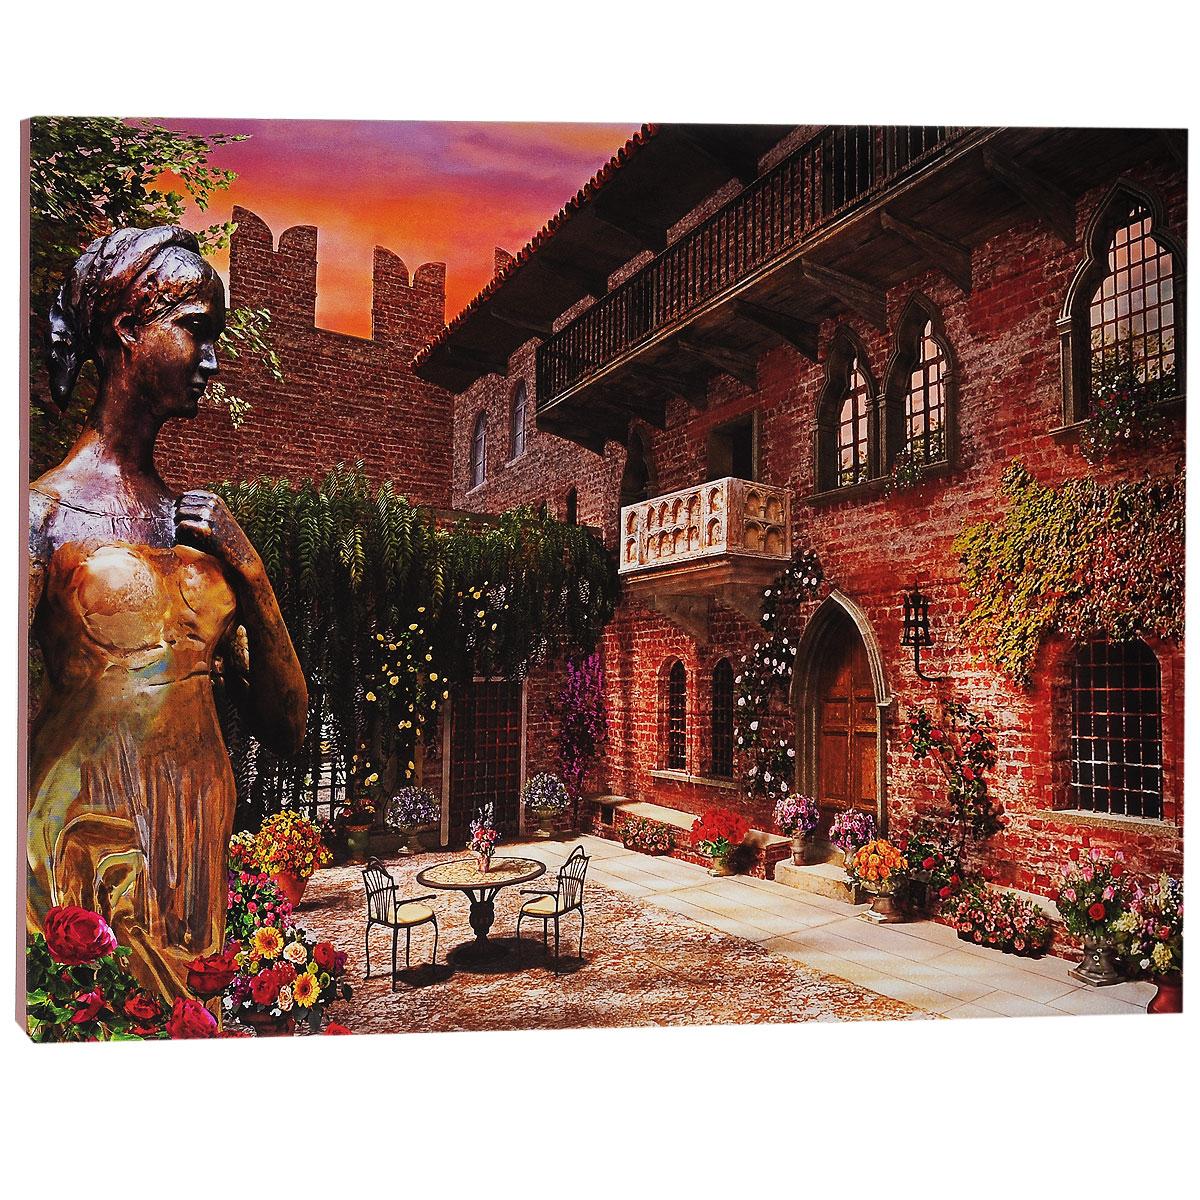 КвикДекор Картина на холсте Верона Джульетты, 60 см х 40 см12723Картина на холсте КвикДекор Верона Джульетты - это прекрасное украшение для вашей гостиной или спальни. Она привнесет в интерьер яркий акцент и сделает обстановку комфортной и уютной. Доминик Дэвисон создает свои картины, используя компьютер и 3D-графику. Большое влияние на творчество Дэвисона оказал голландский пейзажист Баренд Корнелис Куккук, именно поэтому в его работах преобладают эстетические мотивы голландской романтической школы. Доминик создает изумительные картины коттеджей, сельских пейзажей и городов. Его работы красивы, выдержаны и обогащены множеством деталей. Работы Доминика опубликованы в журналах 3Д Художники и Фотошоп для продвинутых, также он ведет регулярную рубрику (колонку) в журнале 3Д Художники. Доминик - мастер Vue, программы, широко используемой в архитектуре, анимации, и являющейся важнейшим компонентом рабочего процесса для многих ведущих компаний и студий. Картина на холсте КвикДекор Верона Джульетты не нуждается в рамке или багете - галерейная натяжка холста на подрамники выполнена очень аккуратно, а боковые части картины запечатаны продолжением картинки либо тоновой заливкой. На обратной стороне подрамника есть отверстие, благодаря которому картину можно легко закрепить на стене, и подкорректировать ее положение. Картина на холсте Верона Джульетты художника Доминика Дэвисона станет отличным украшением для вашего интерьера!